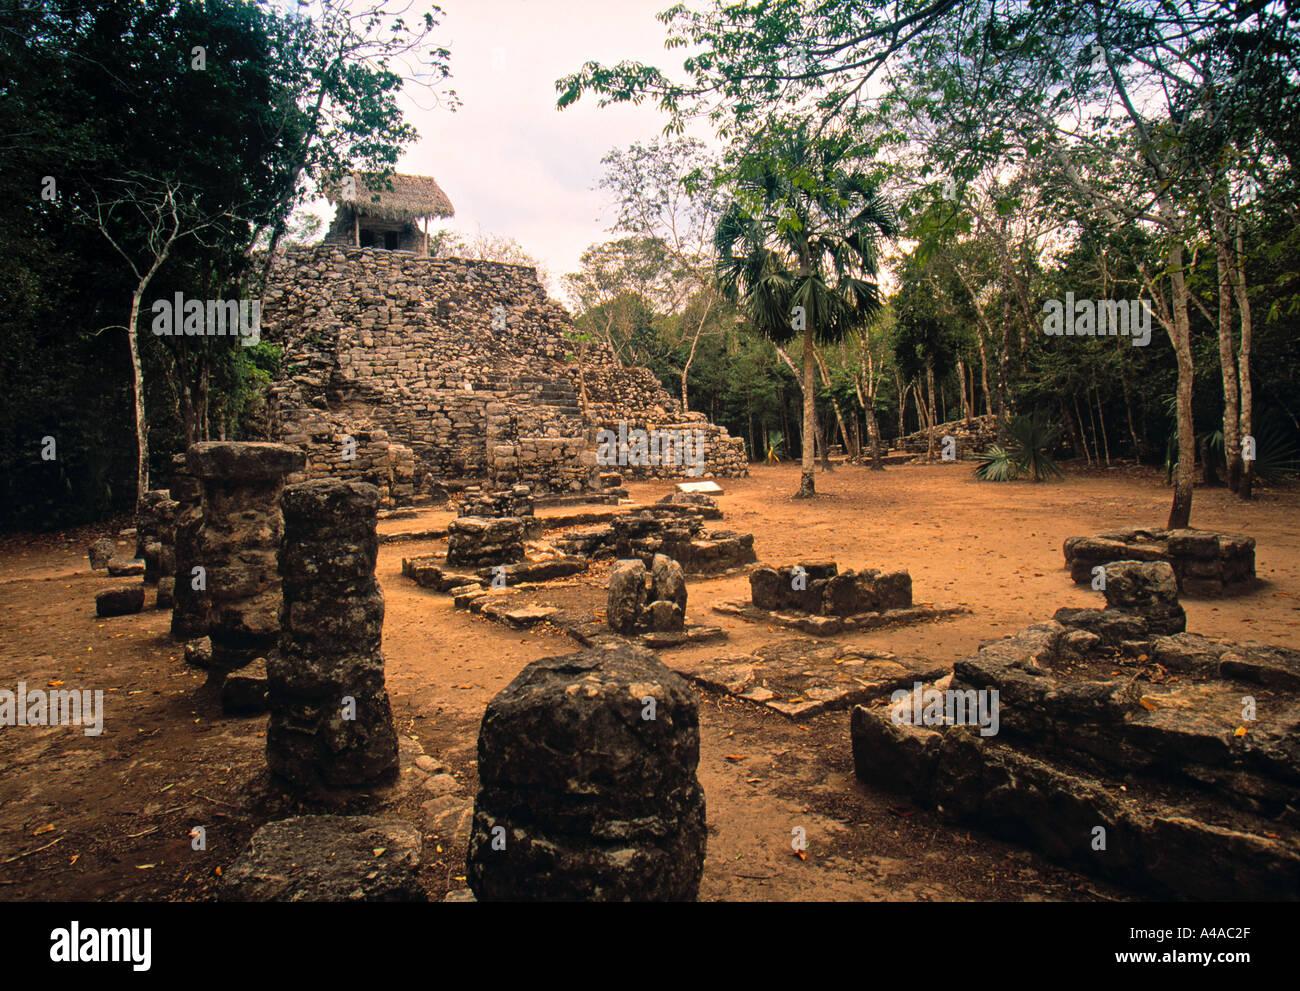 Mayan Ruins, Coba, Mexico - Stock Image